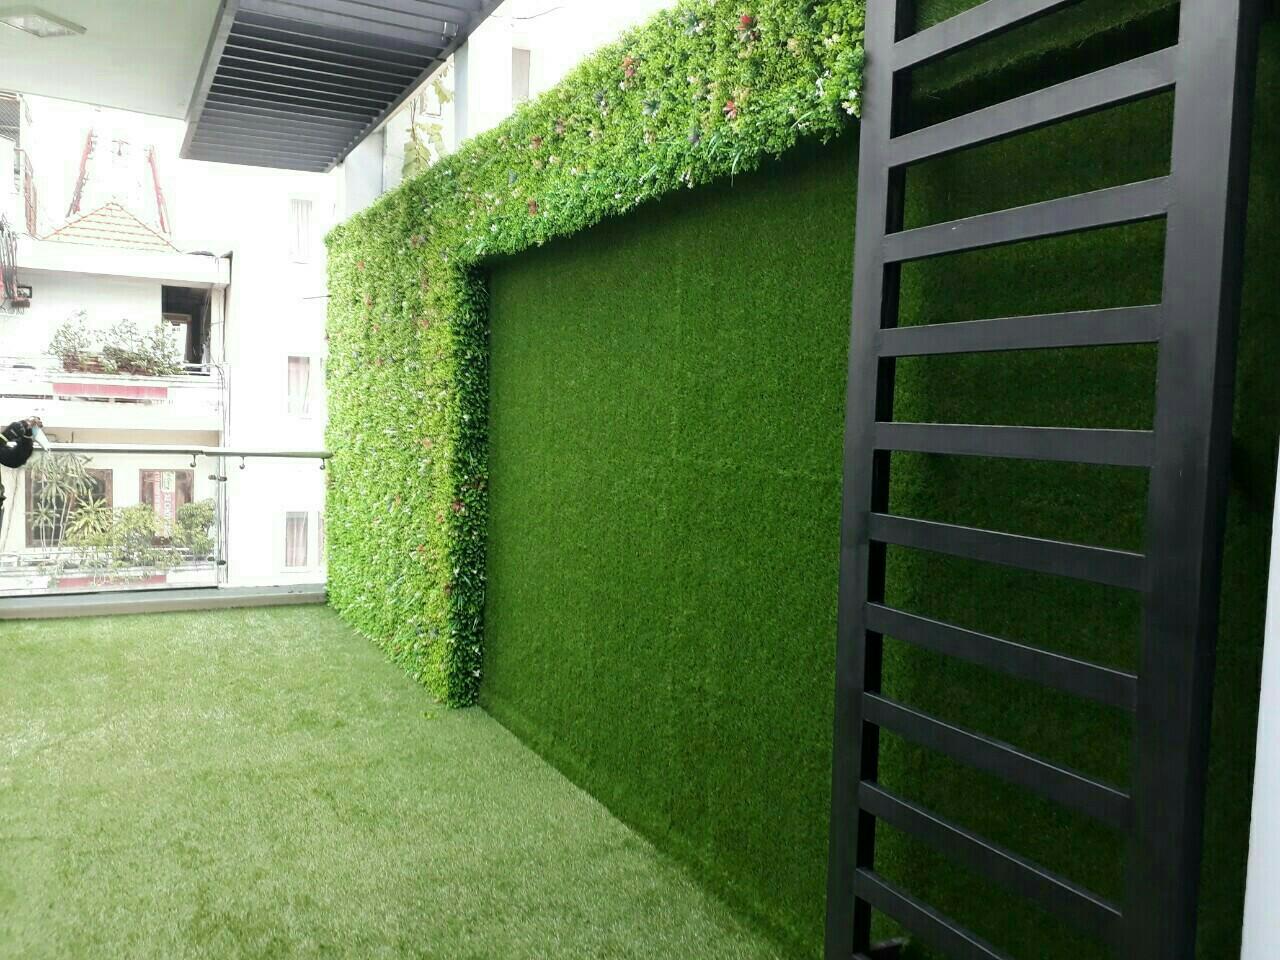 Trang trí vách tường cho nhà ở quận Tân Bình